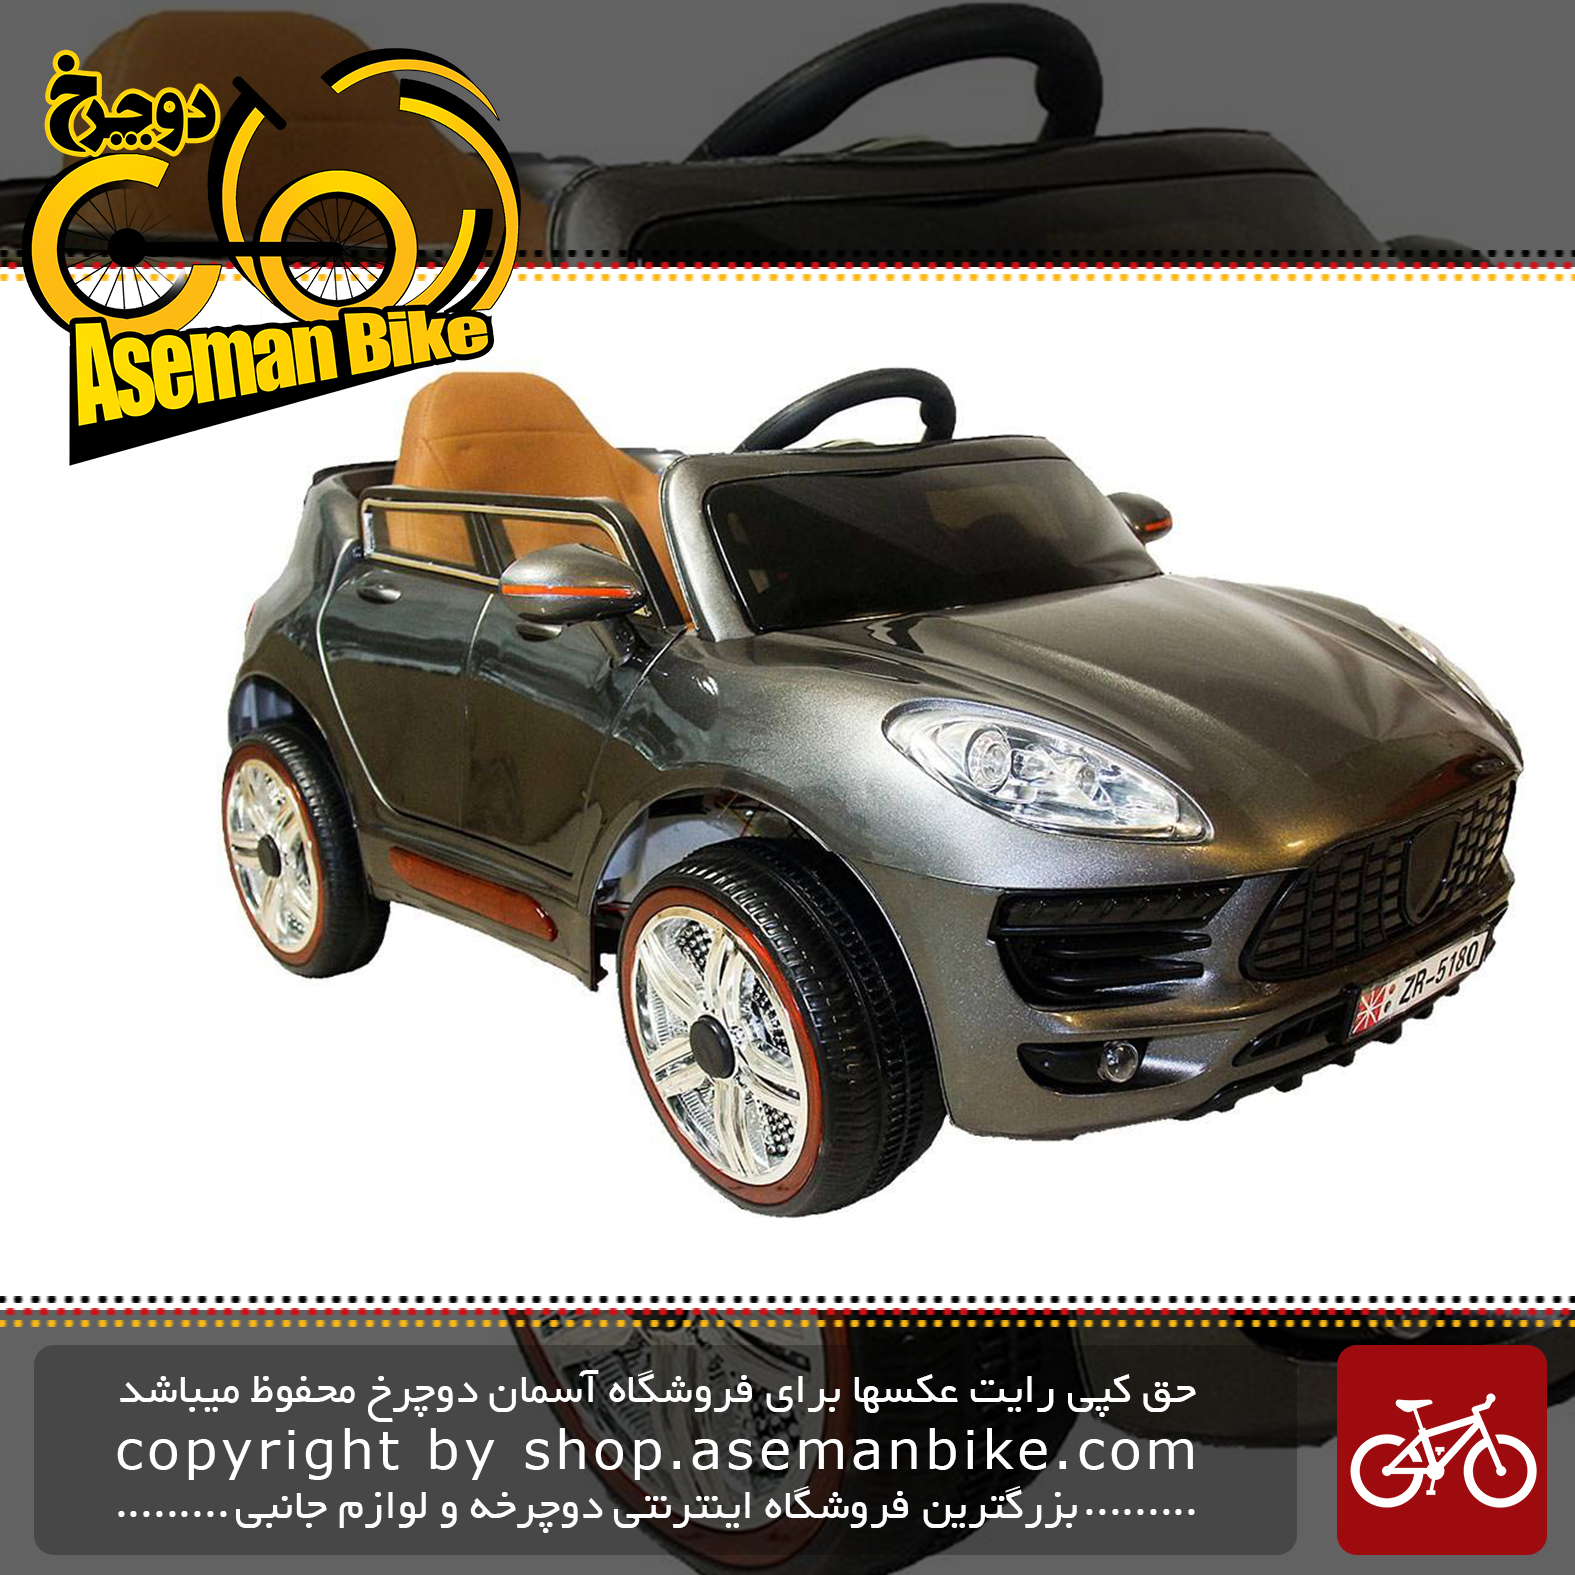 ماشین بازی سواری مدل ZR180 CH9930 Ride On Toy Car